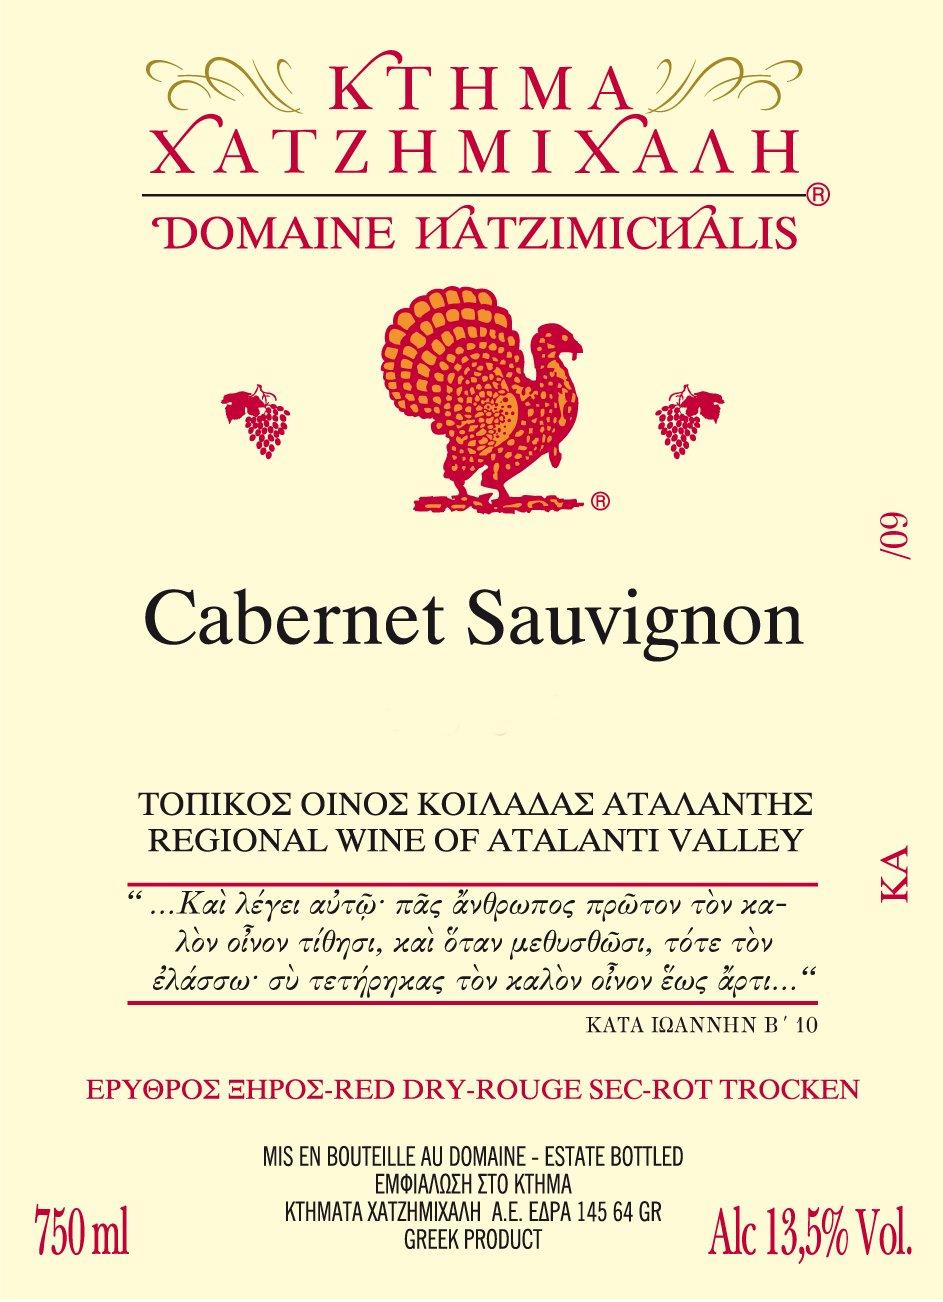 Cabernet Sauvignon Hatzimichalis